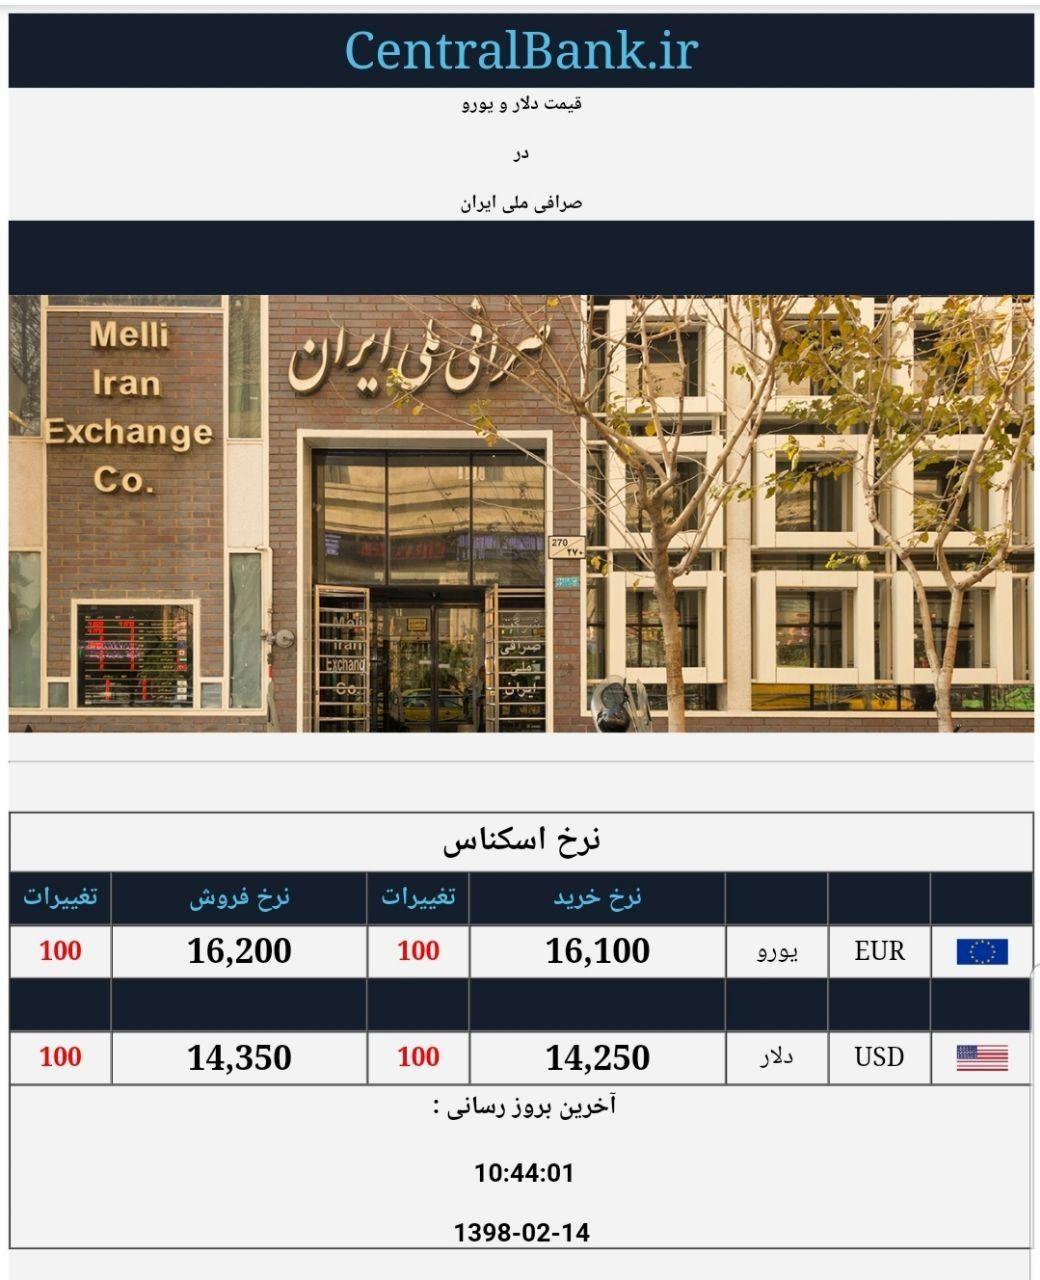 قیمت دلار و یورو در صرافی ملی امروز ۱۳۹۸/۰۲/۱۴